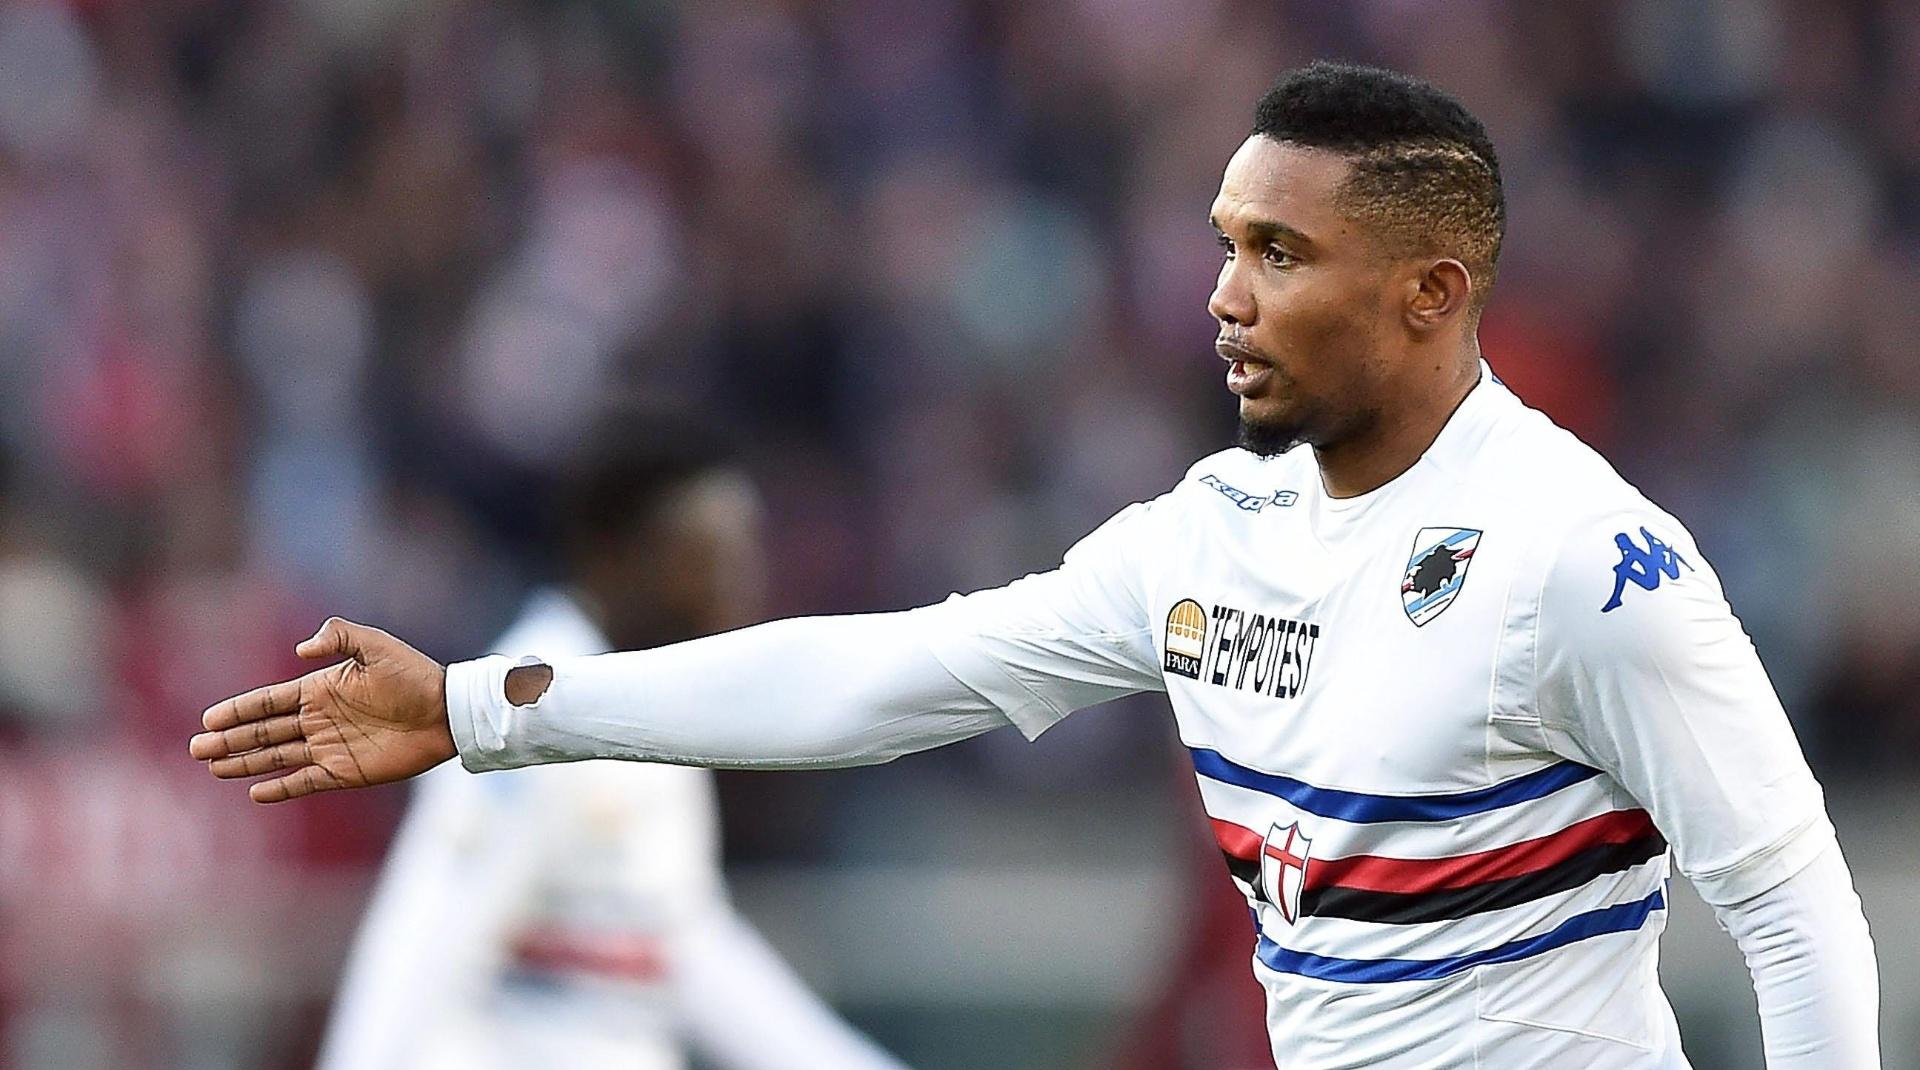 Samuel Eto'o estreia pela Sampdoria em partida do Campeonato Italiano